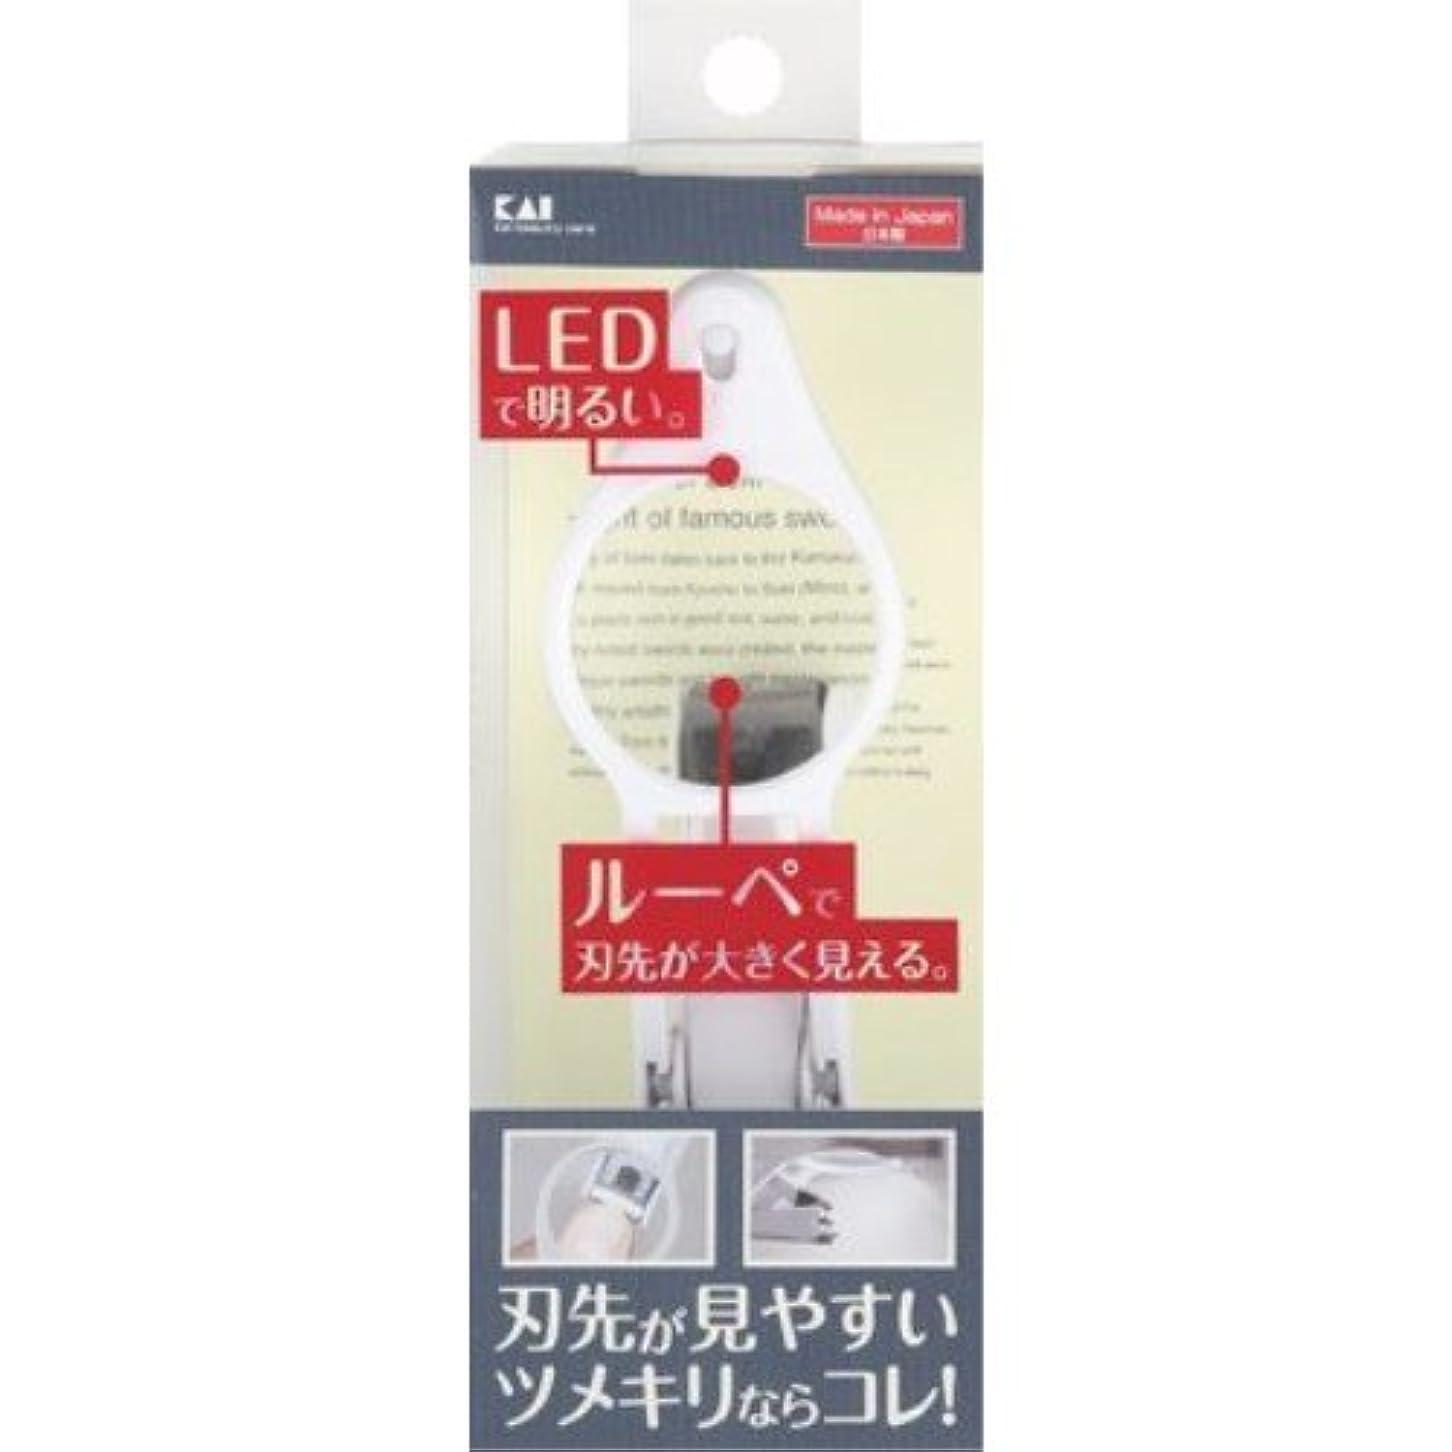 海港発信考えた貝印 LEDルーペ付きツメキリ KQ0334